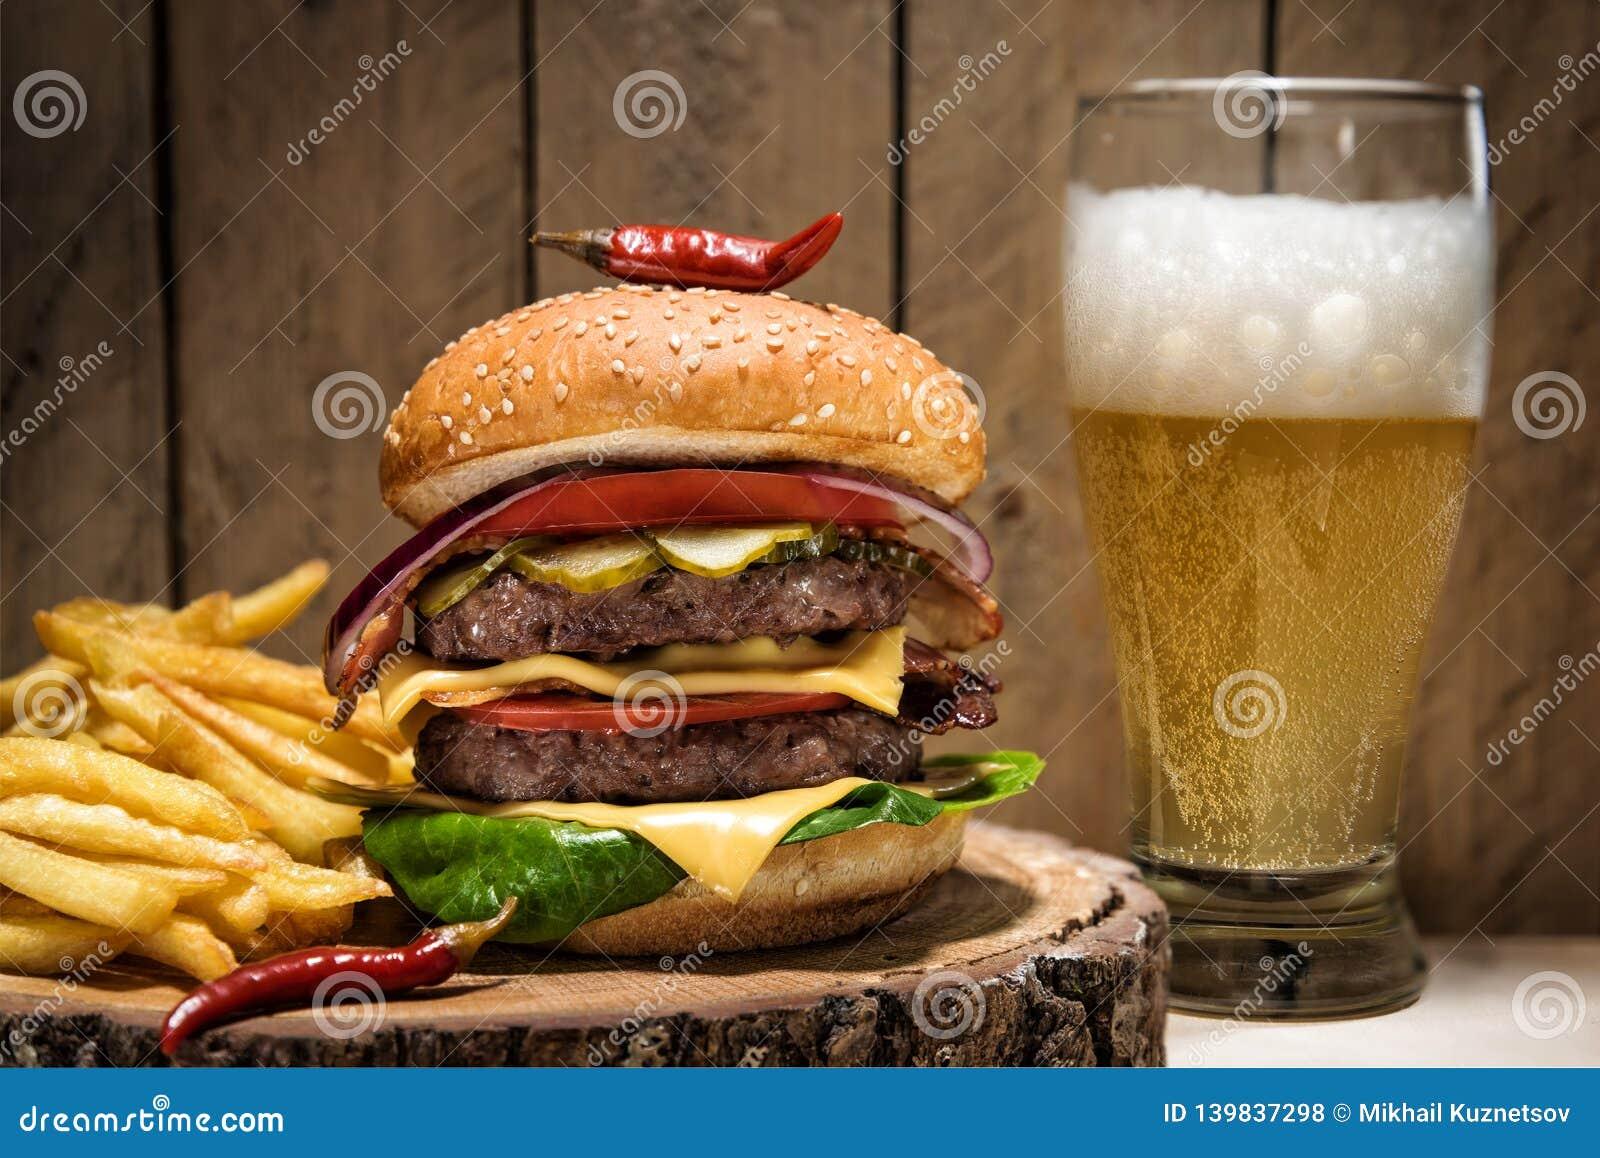 Μεγάλο cheeseburger με το πιπέρι τσίλι, τις τηγανιτές πατάτες και ένα ποτήρι της μπύρας στο ξύλινο υπόβαθρο